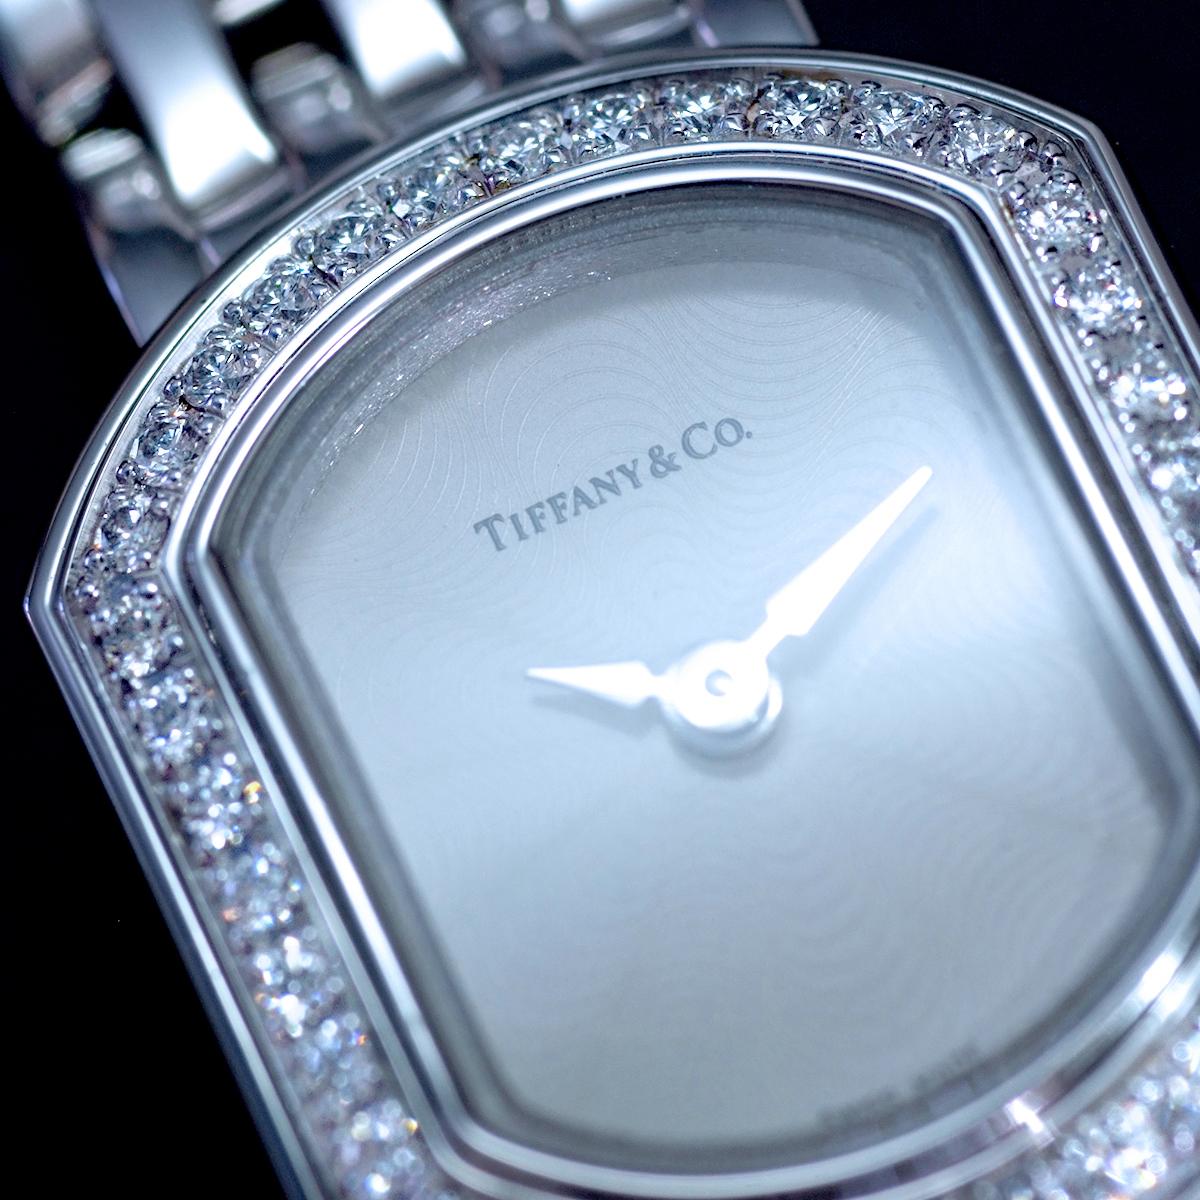 E8391【Tiffany&Co. 1837】ティファニー マーククーペ 純正ダイヤモンド 最高級18金WG無垢レディQZ 腕周り17cm 重量63.81g ケース幅16.7mm_画像2